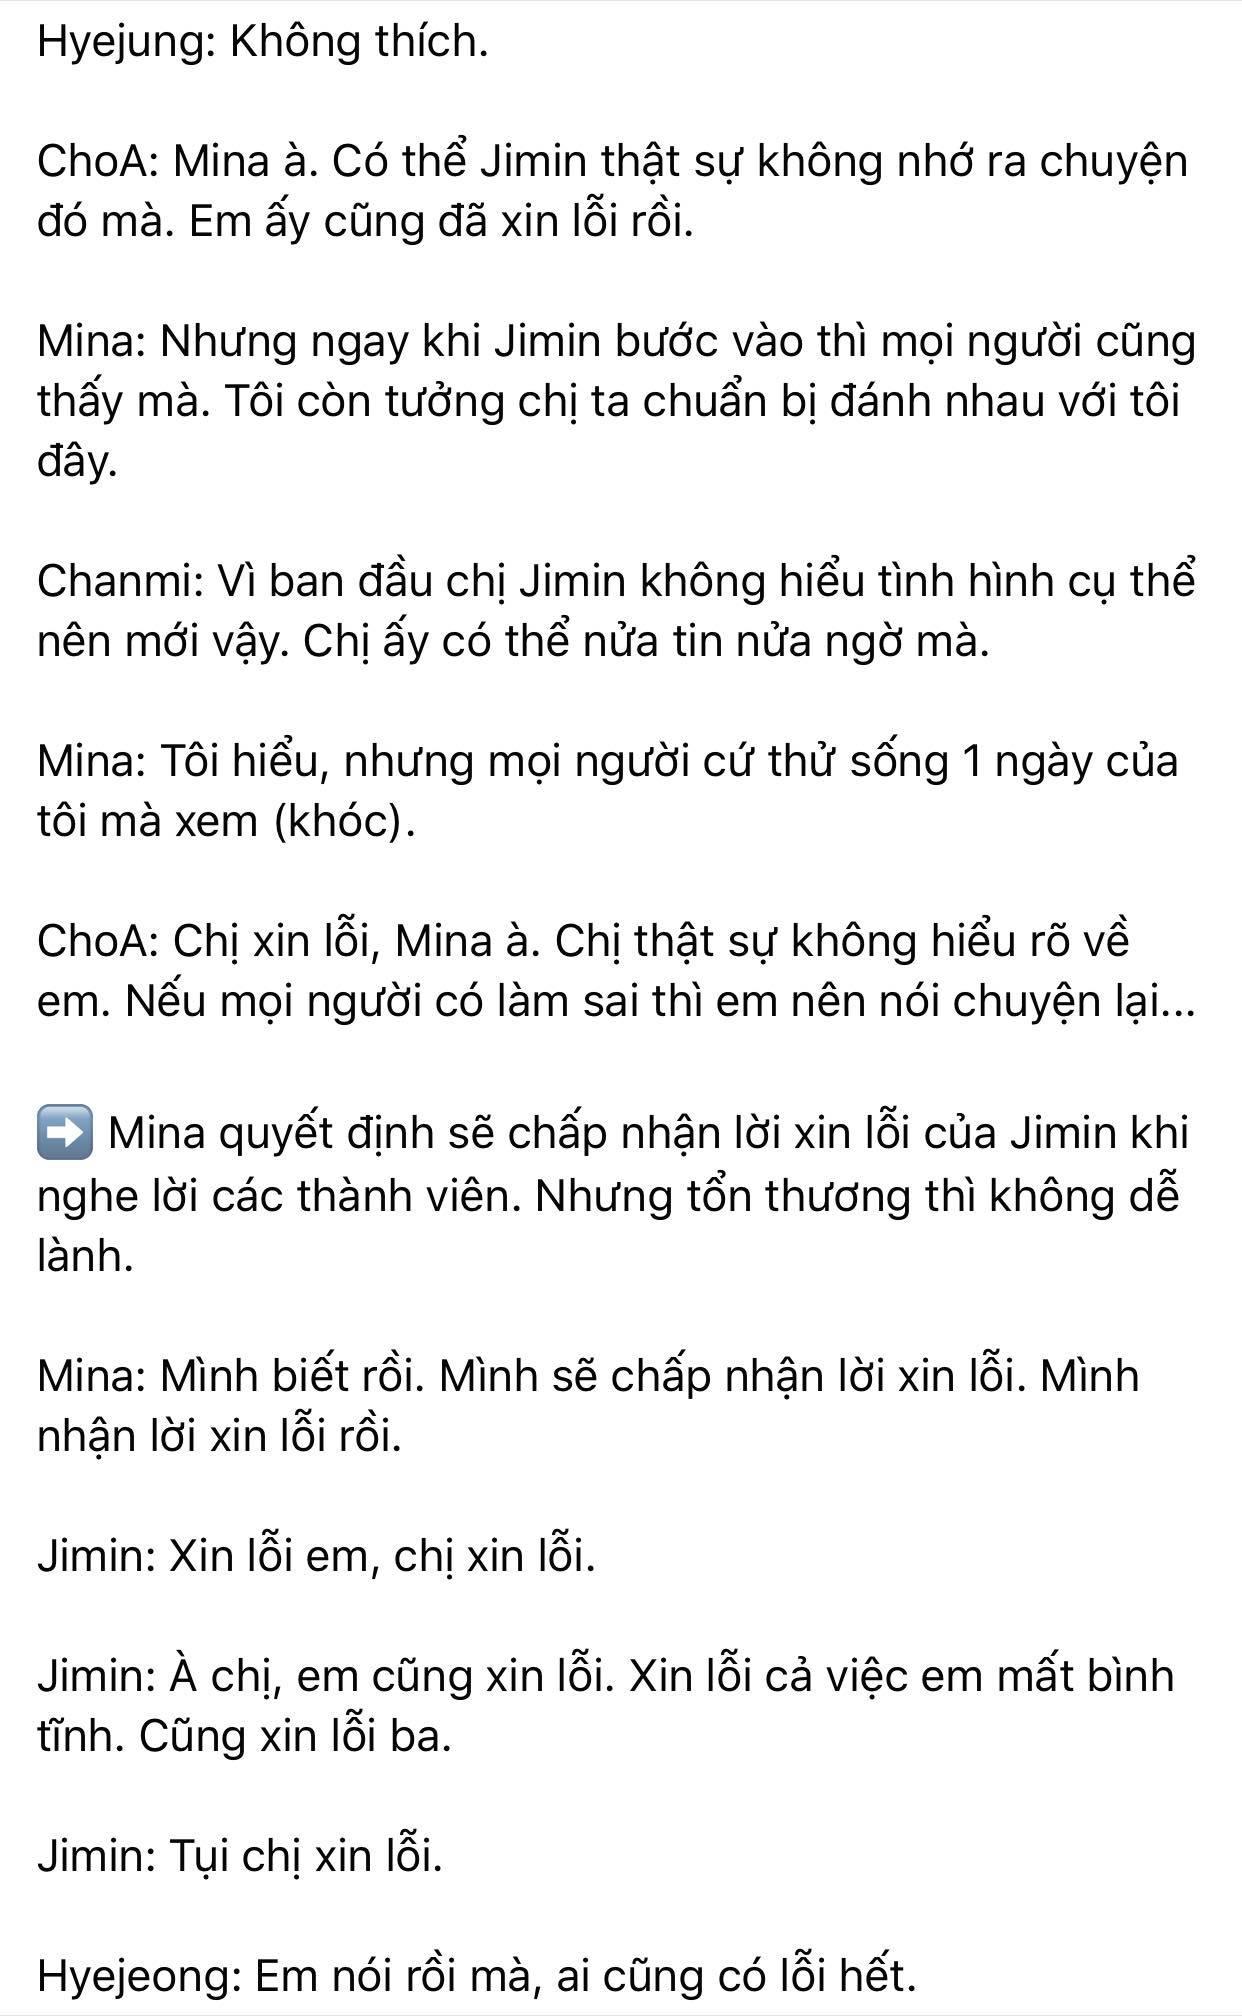 Dispatch khui toàn bộ hội thoại trong buổi gặp mặt AOA: Mina trở thành kẻ cố chấp thích đóng vai nạn nhân 12